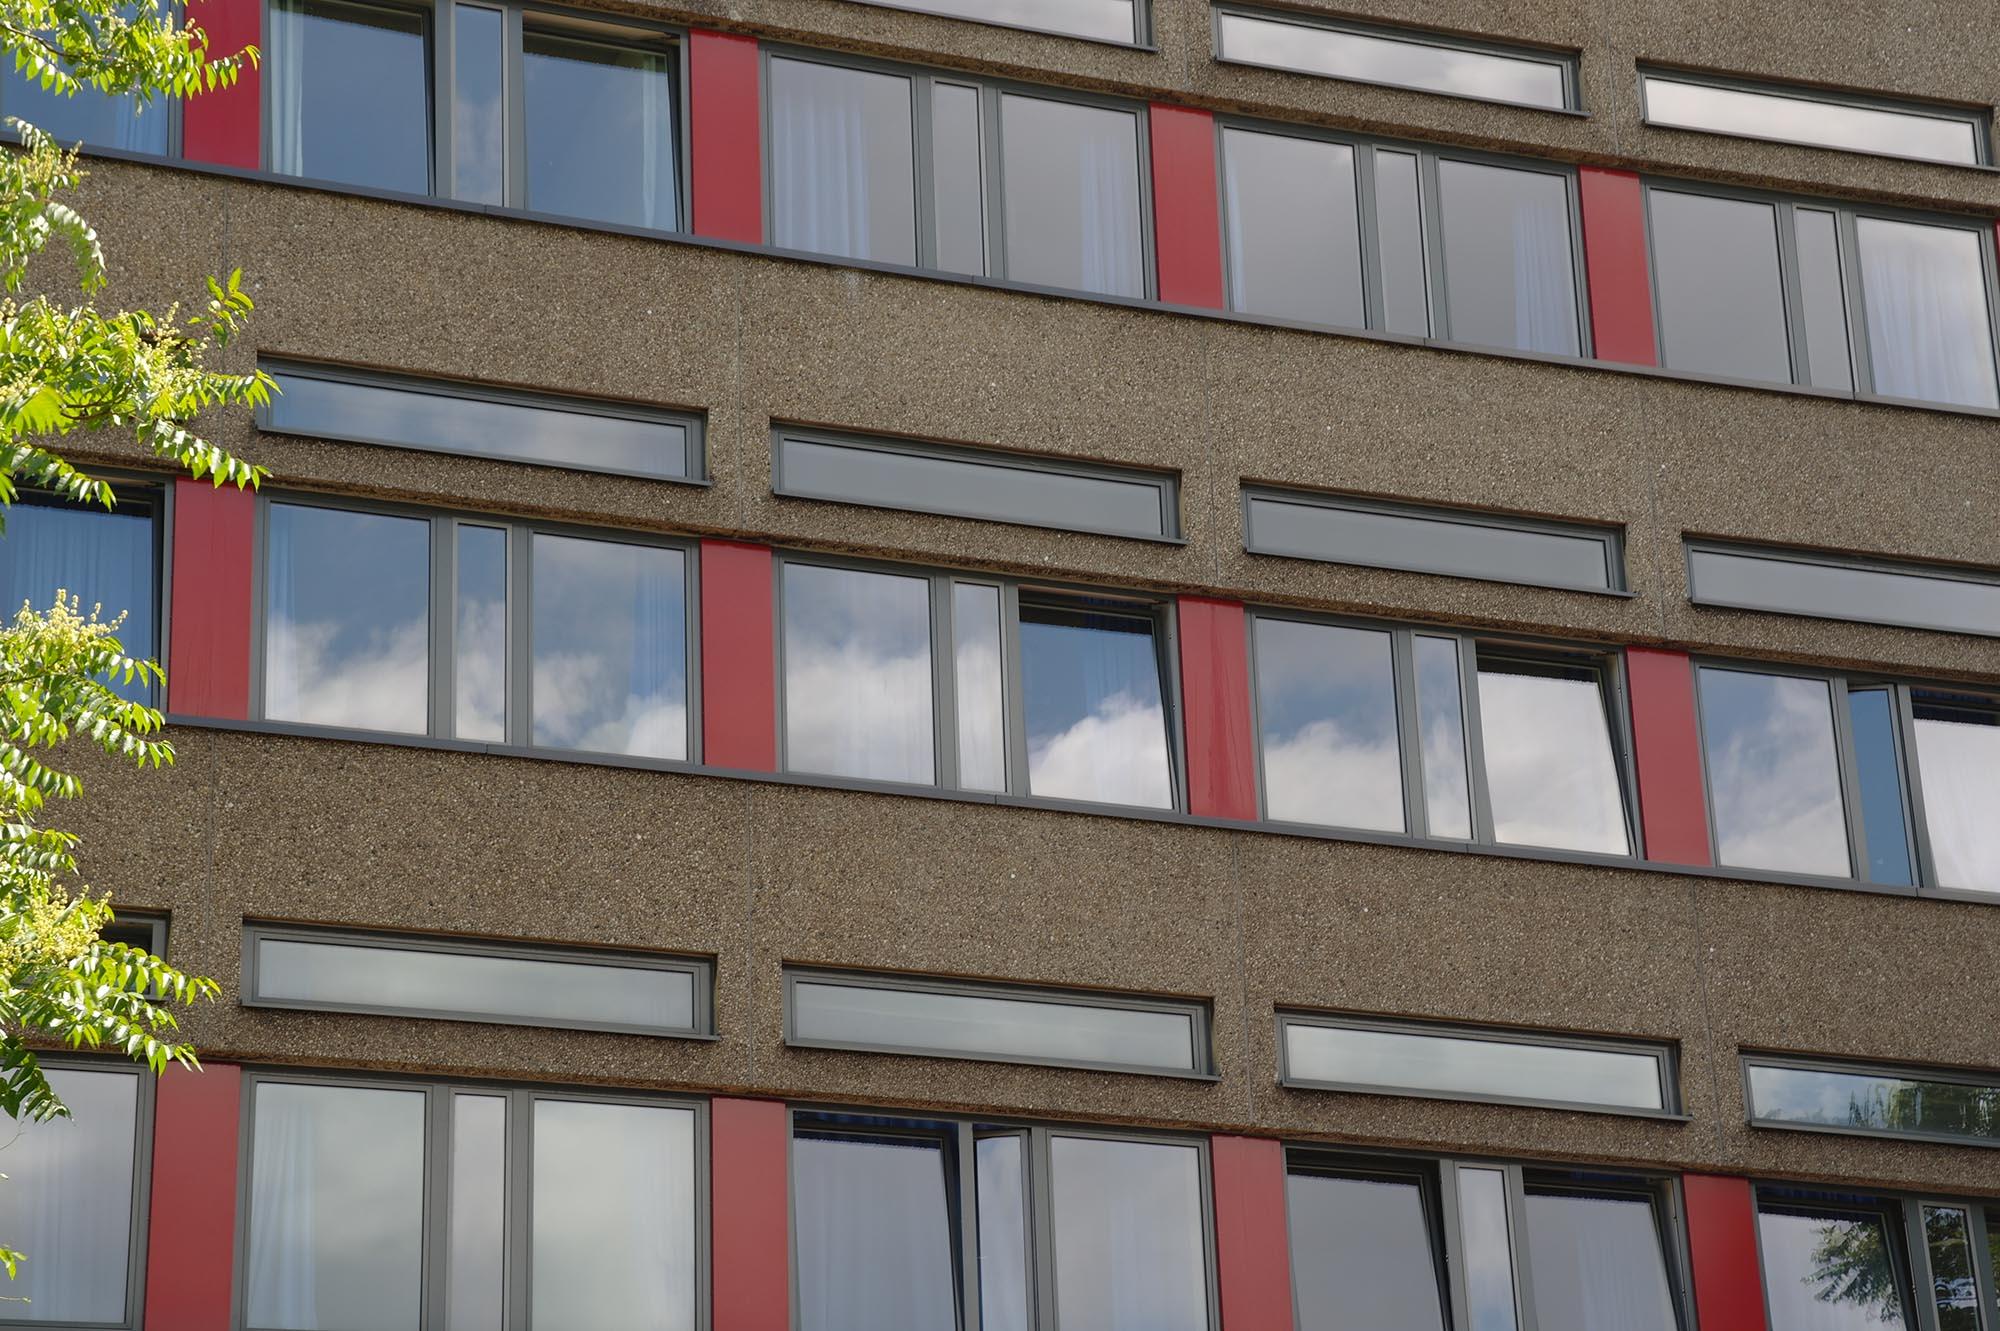 Fotoansicht des Gebäudehochbaus